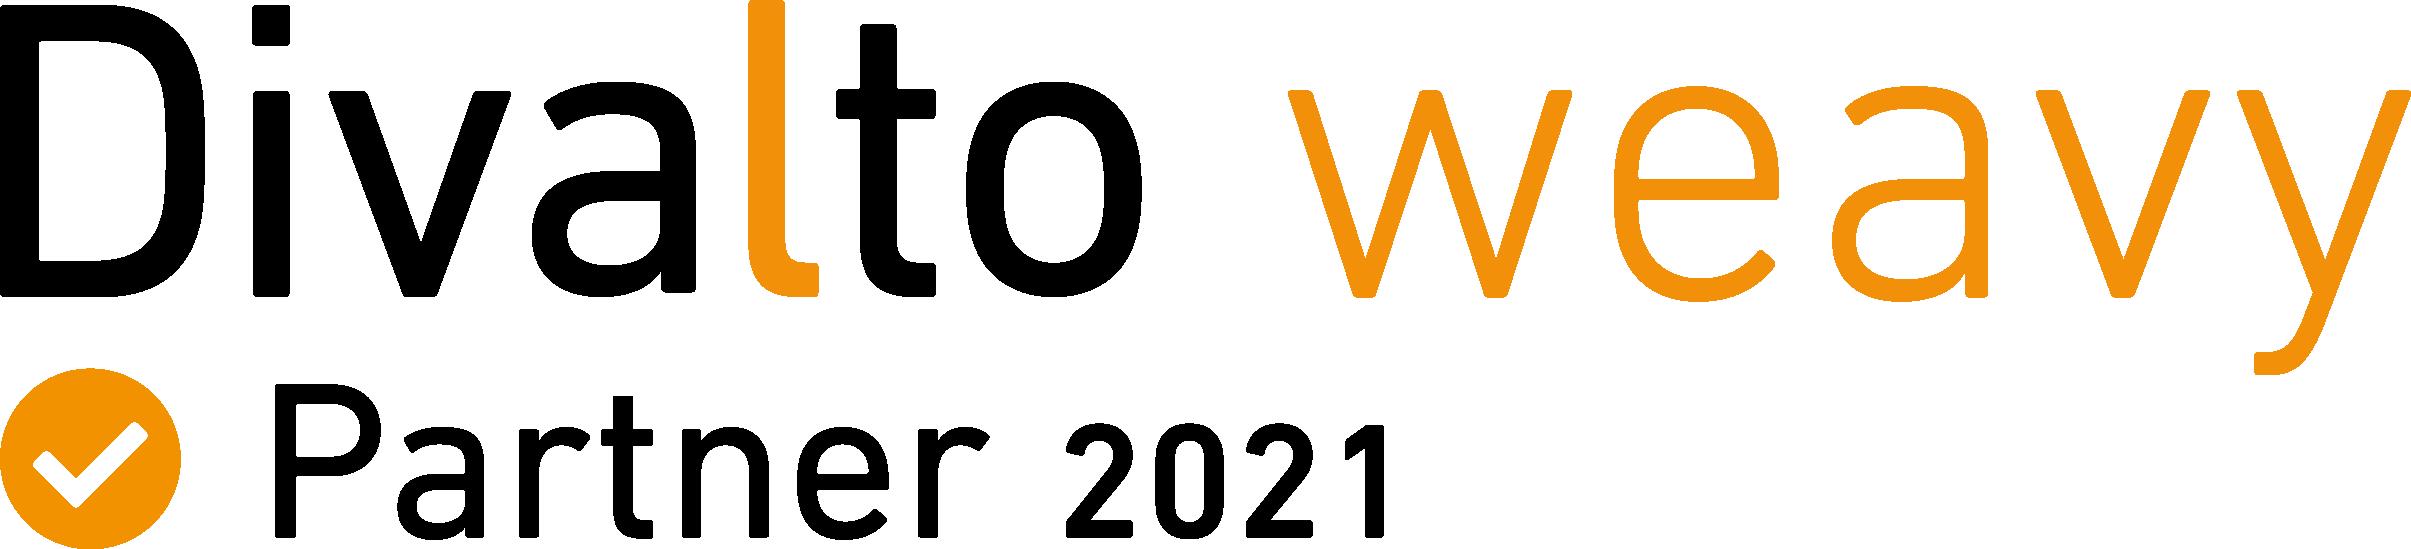 Divalto weavy Partner 2021